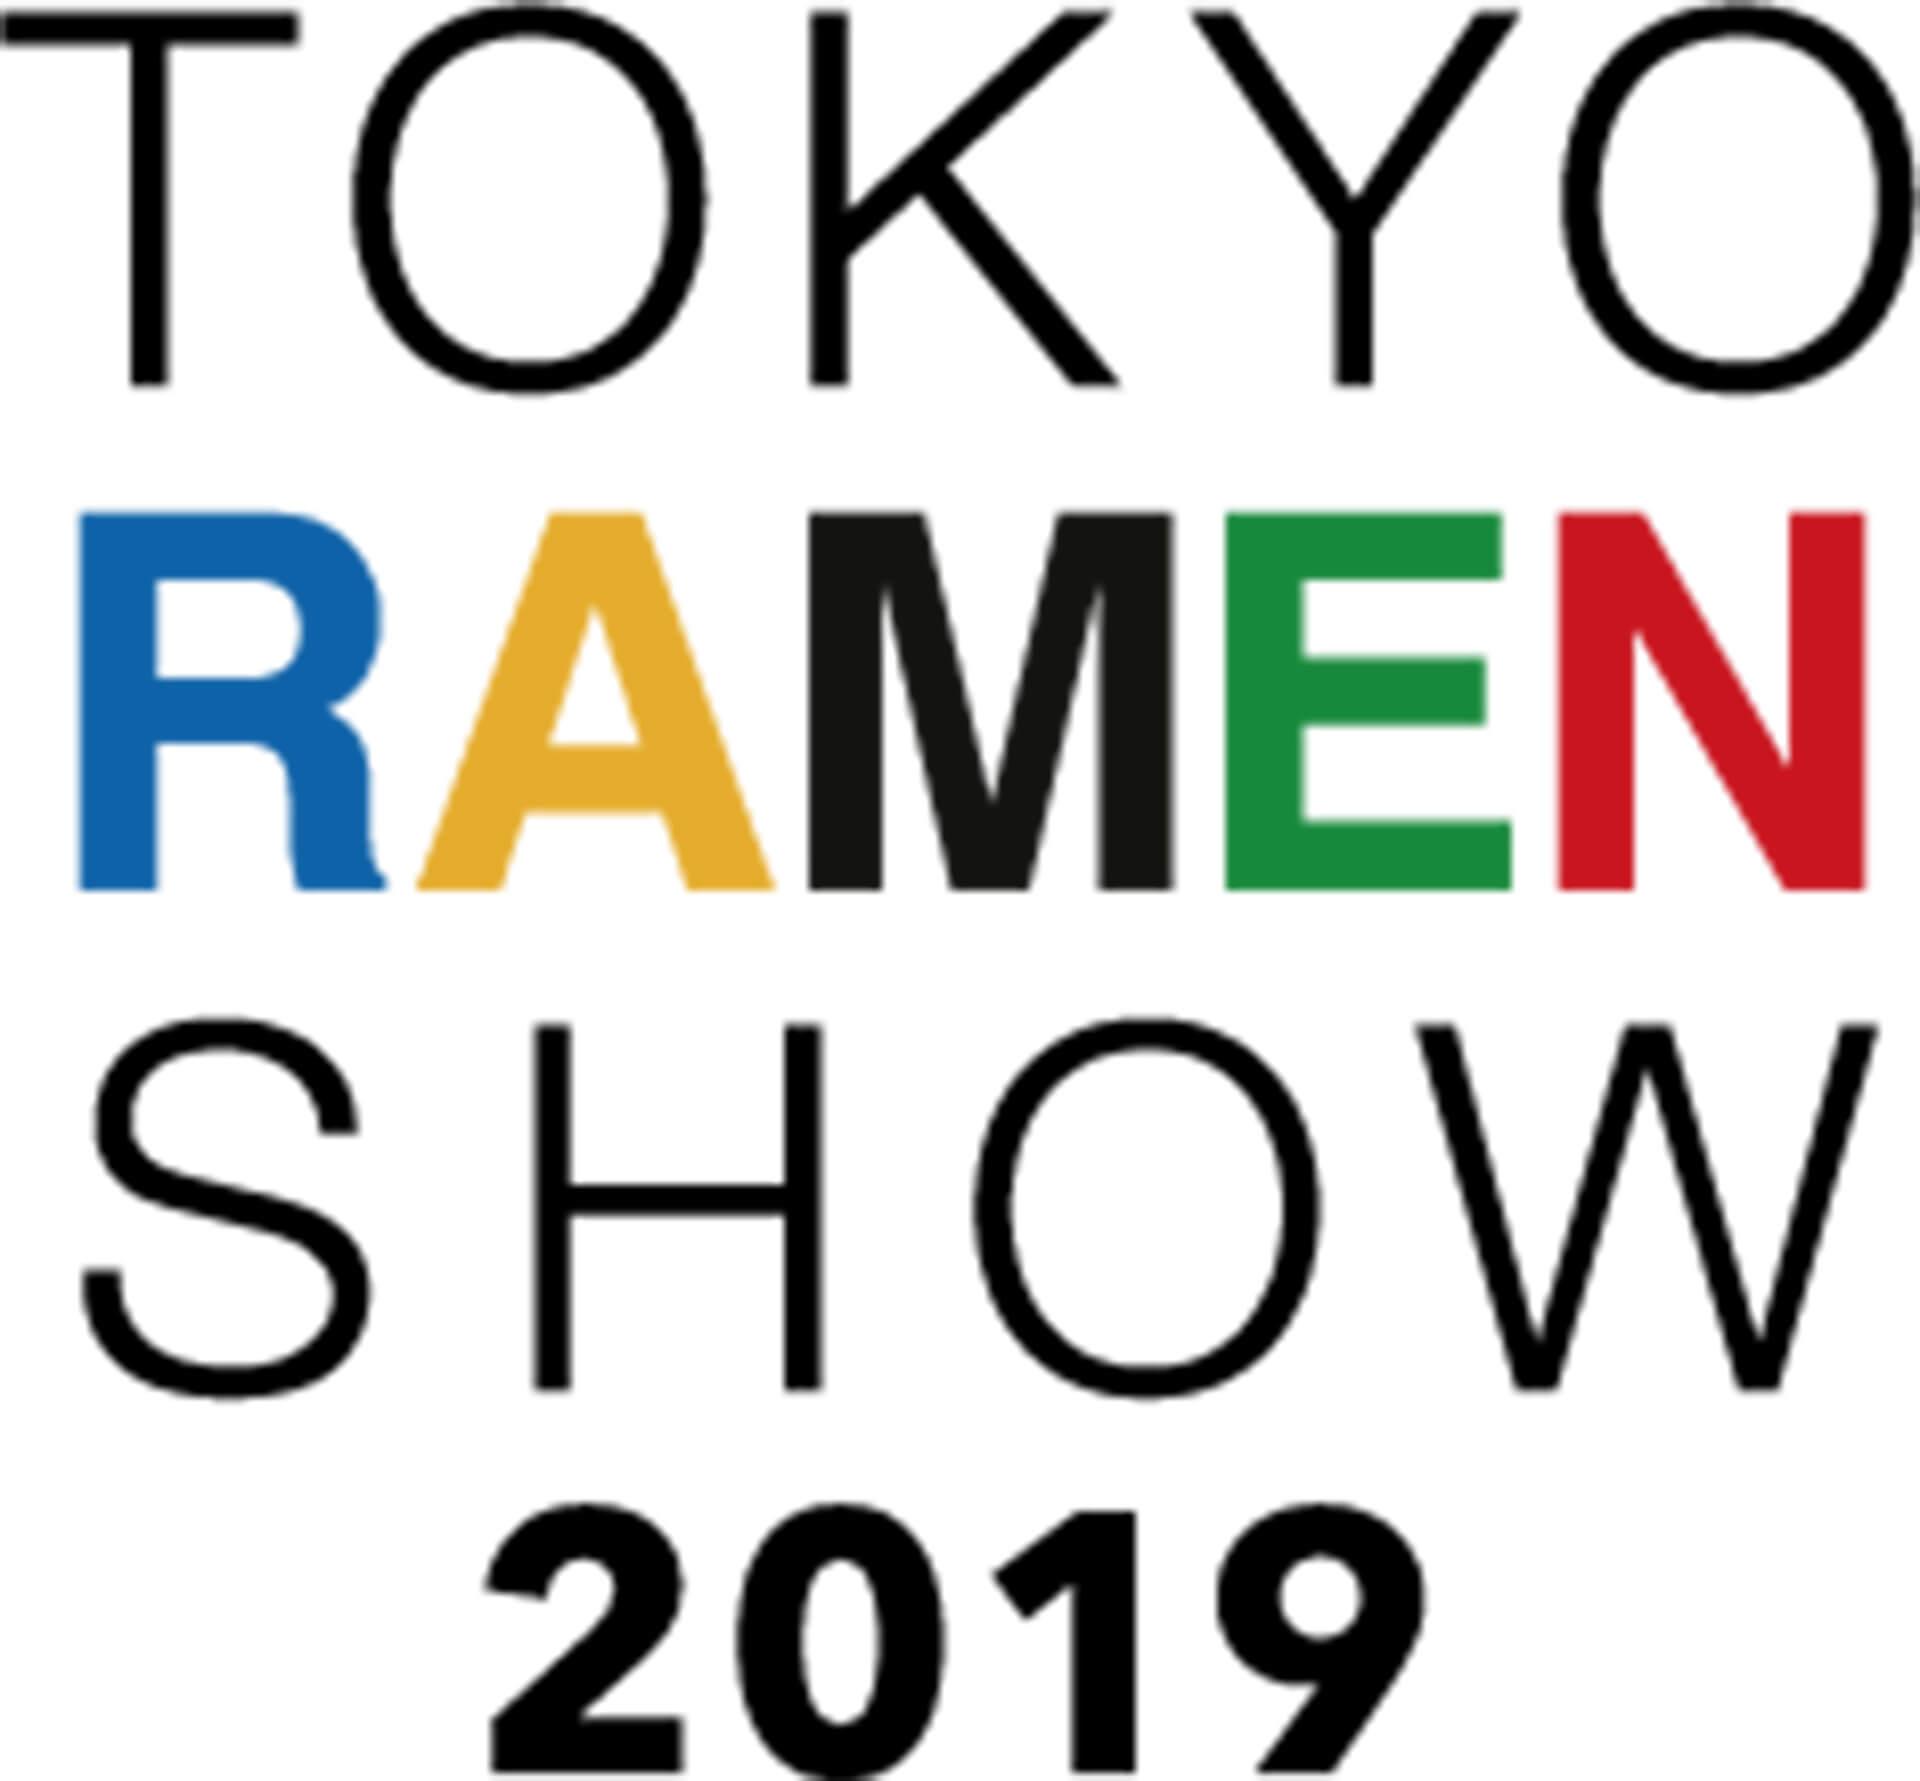 東京ラーメンショーロゴ